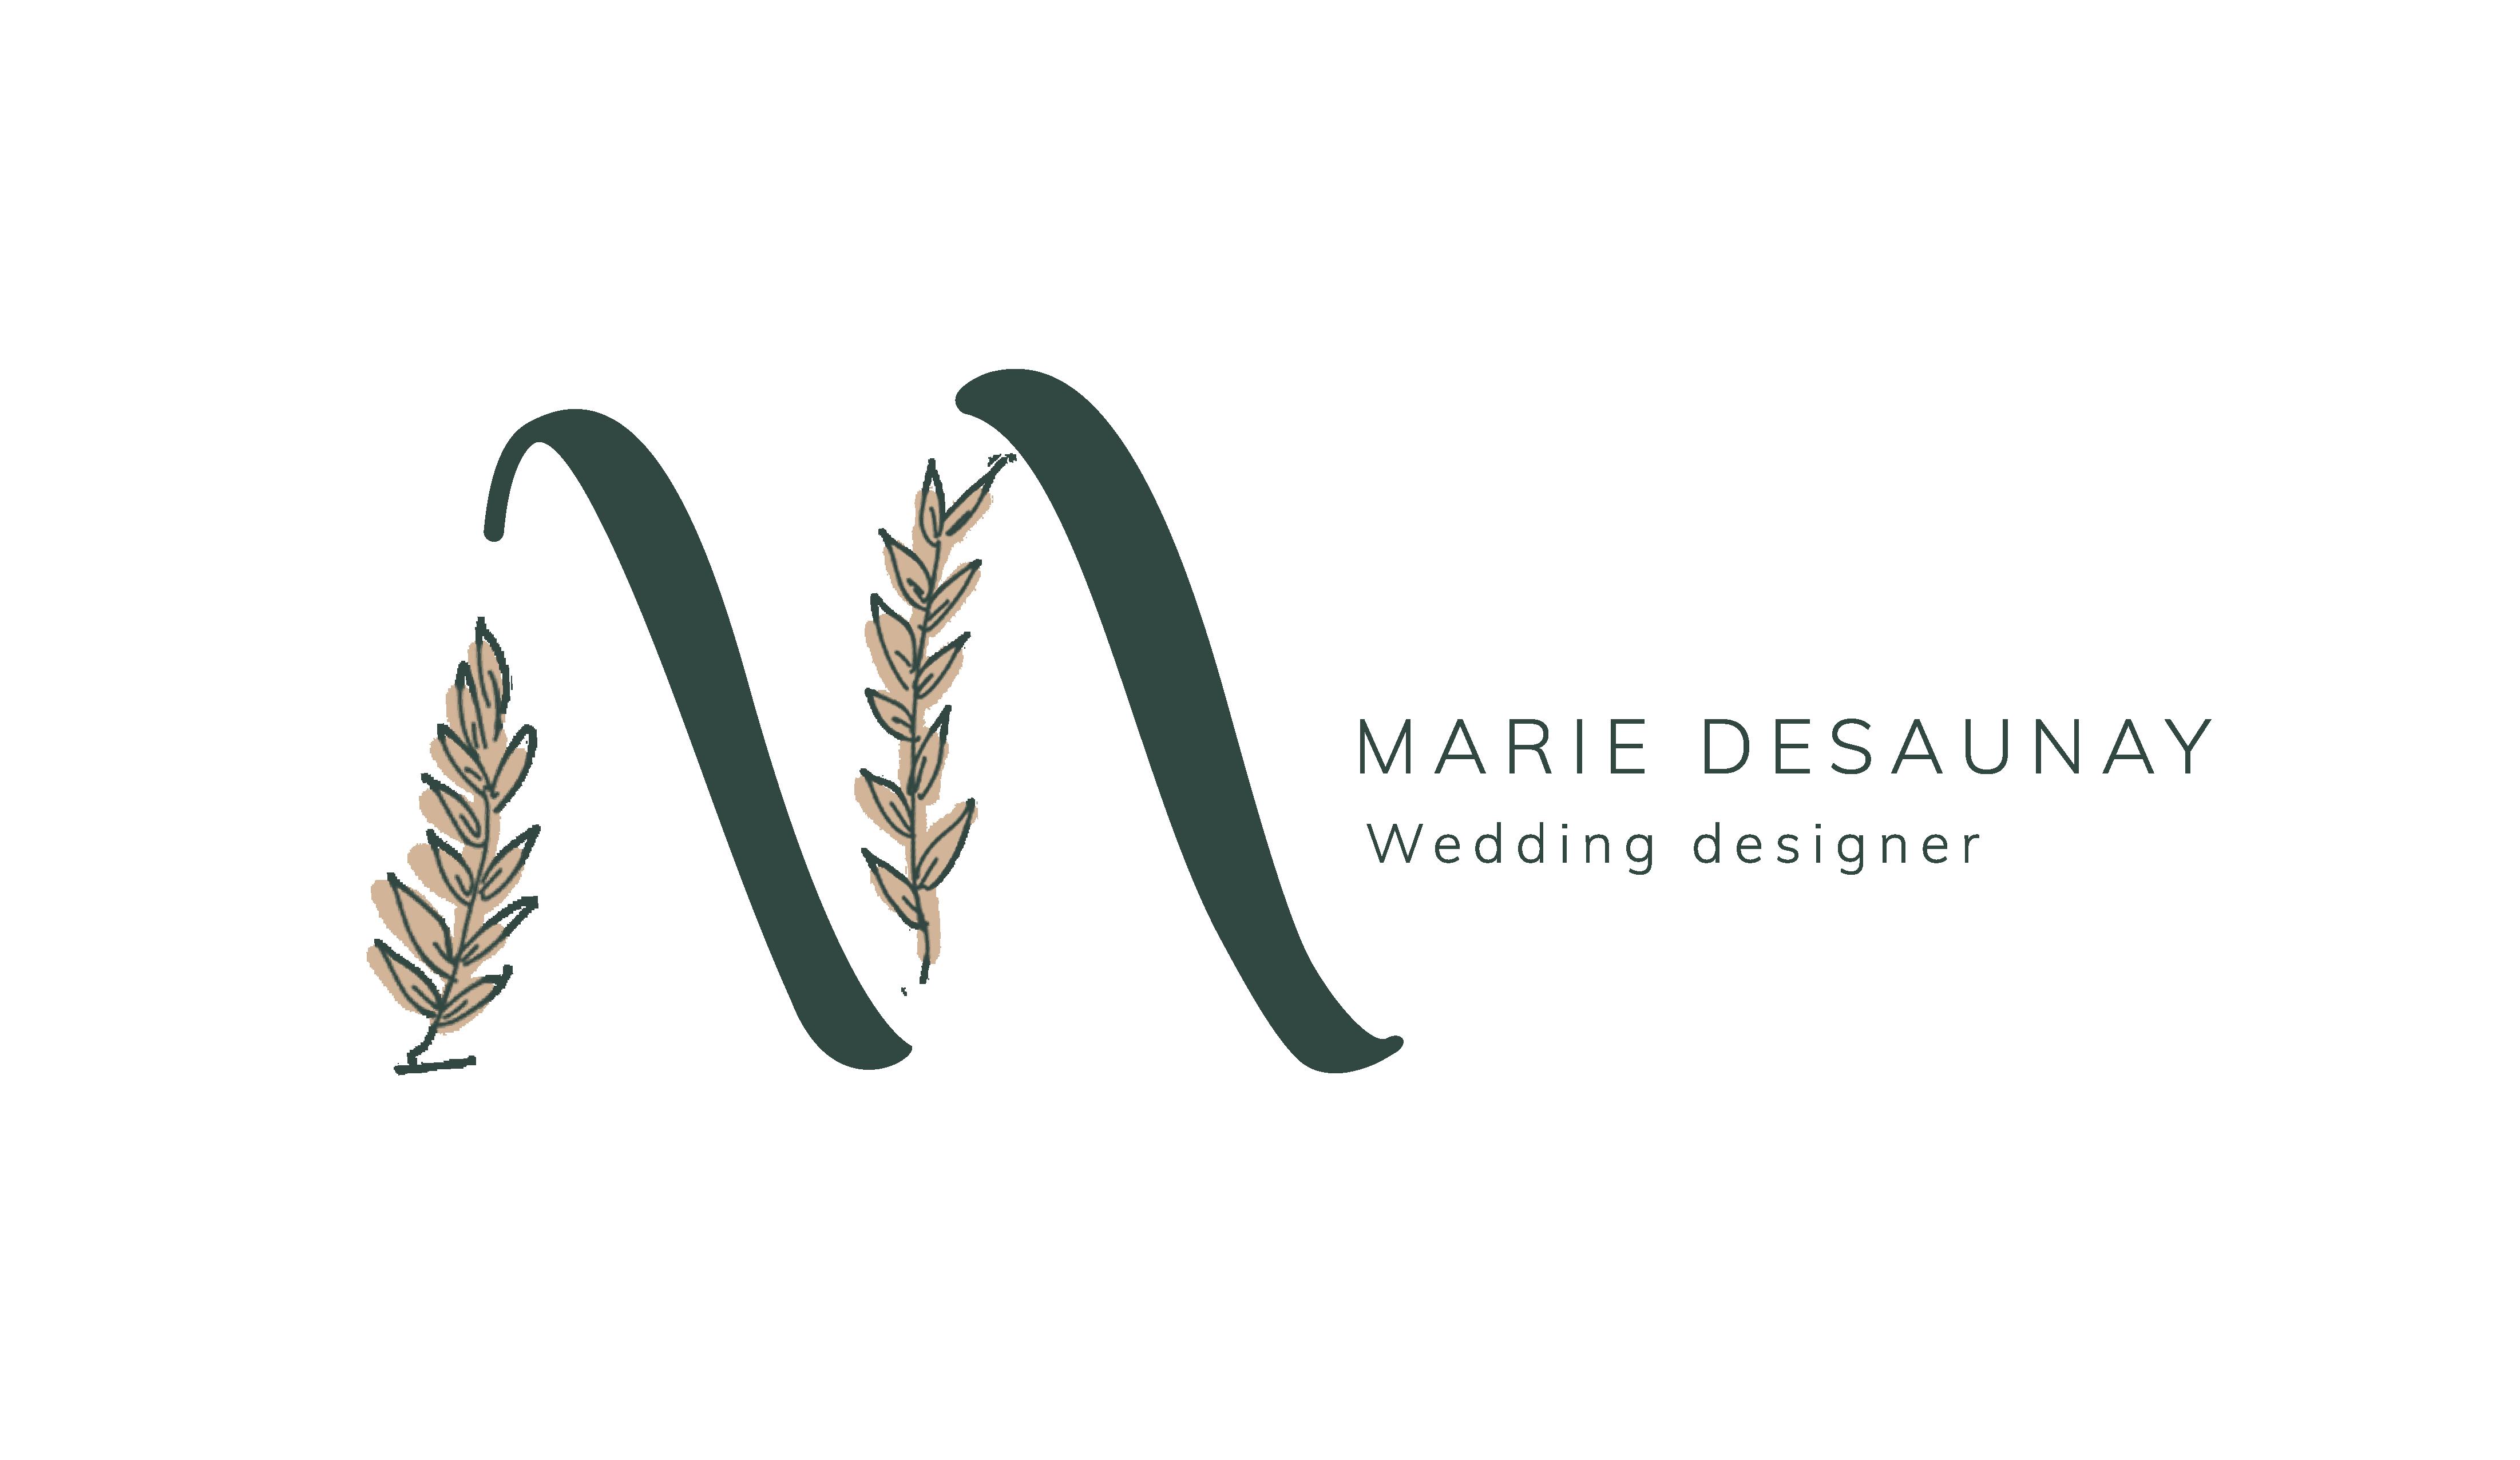 Marie Desaunay